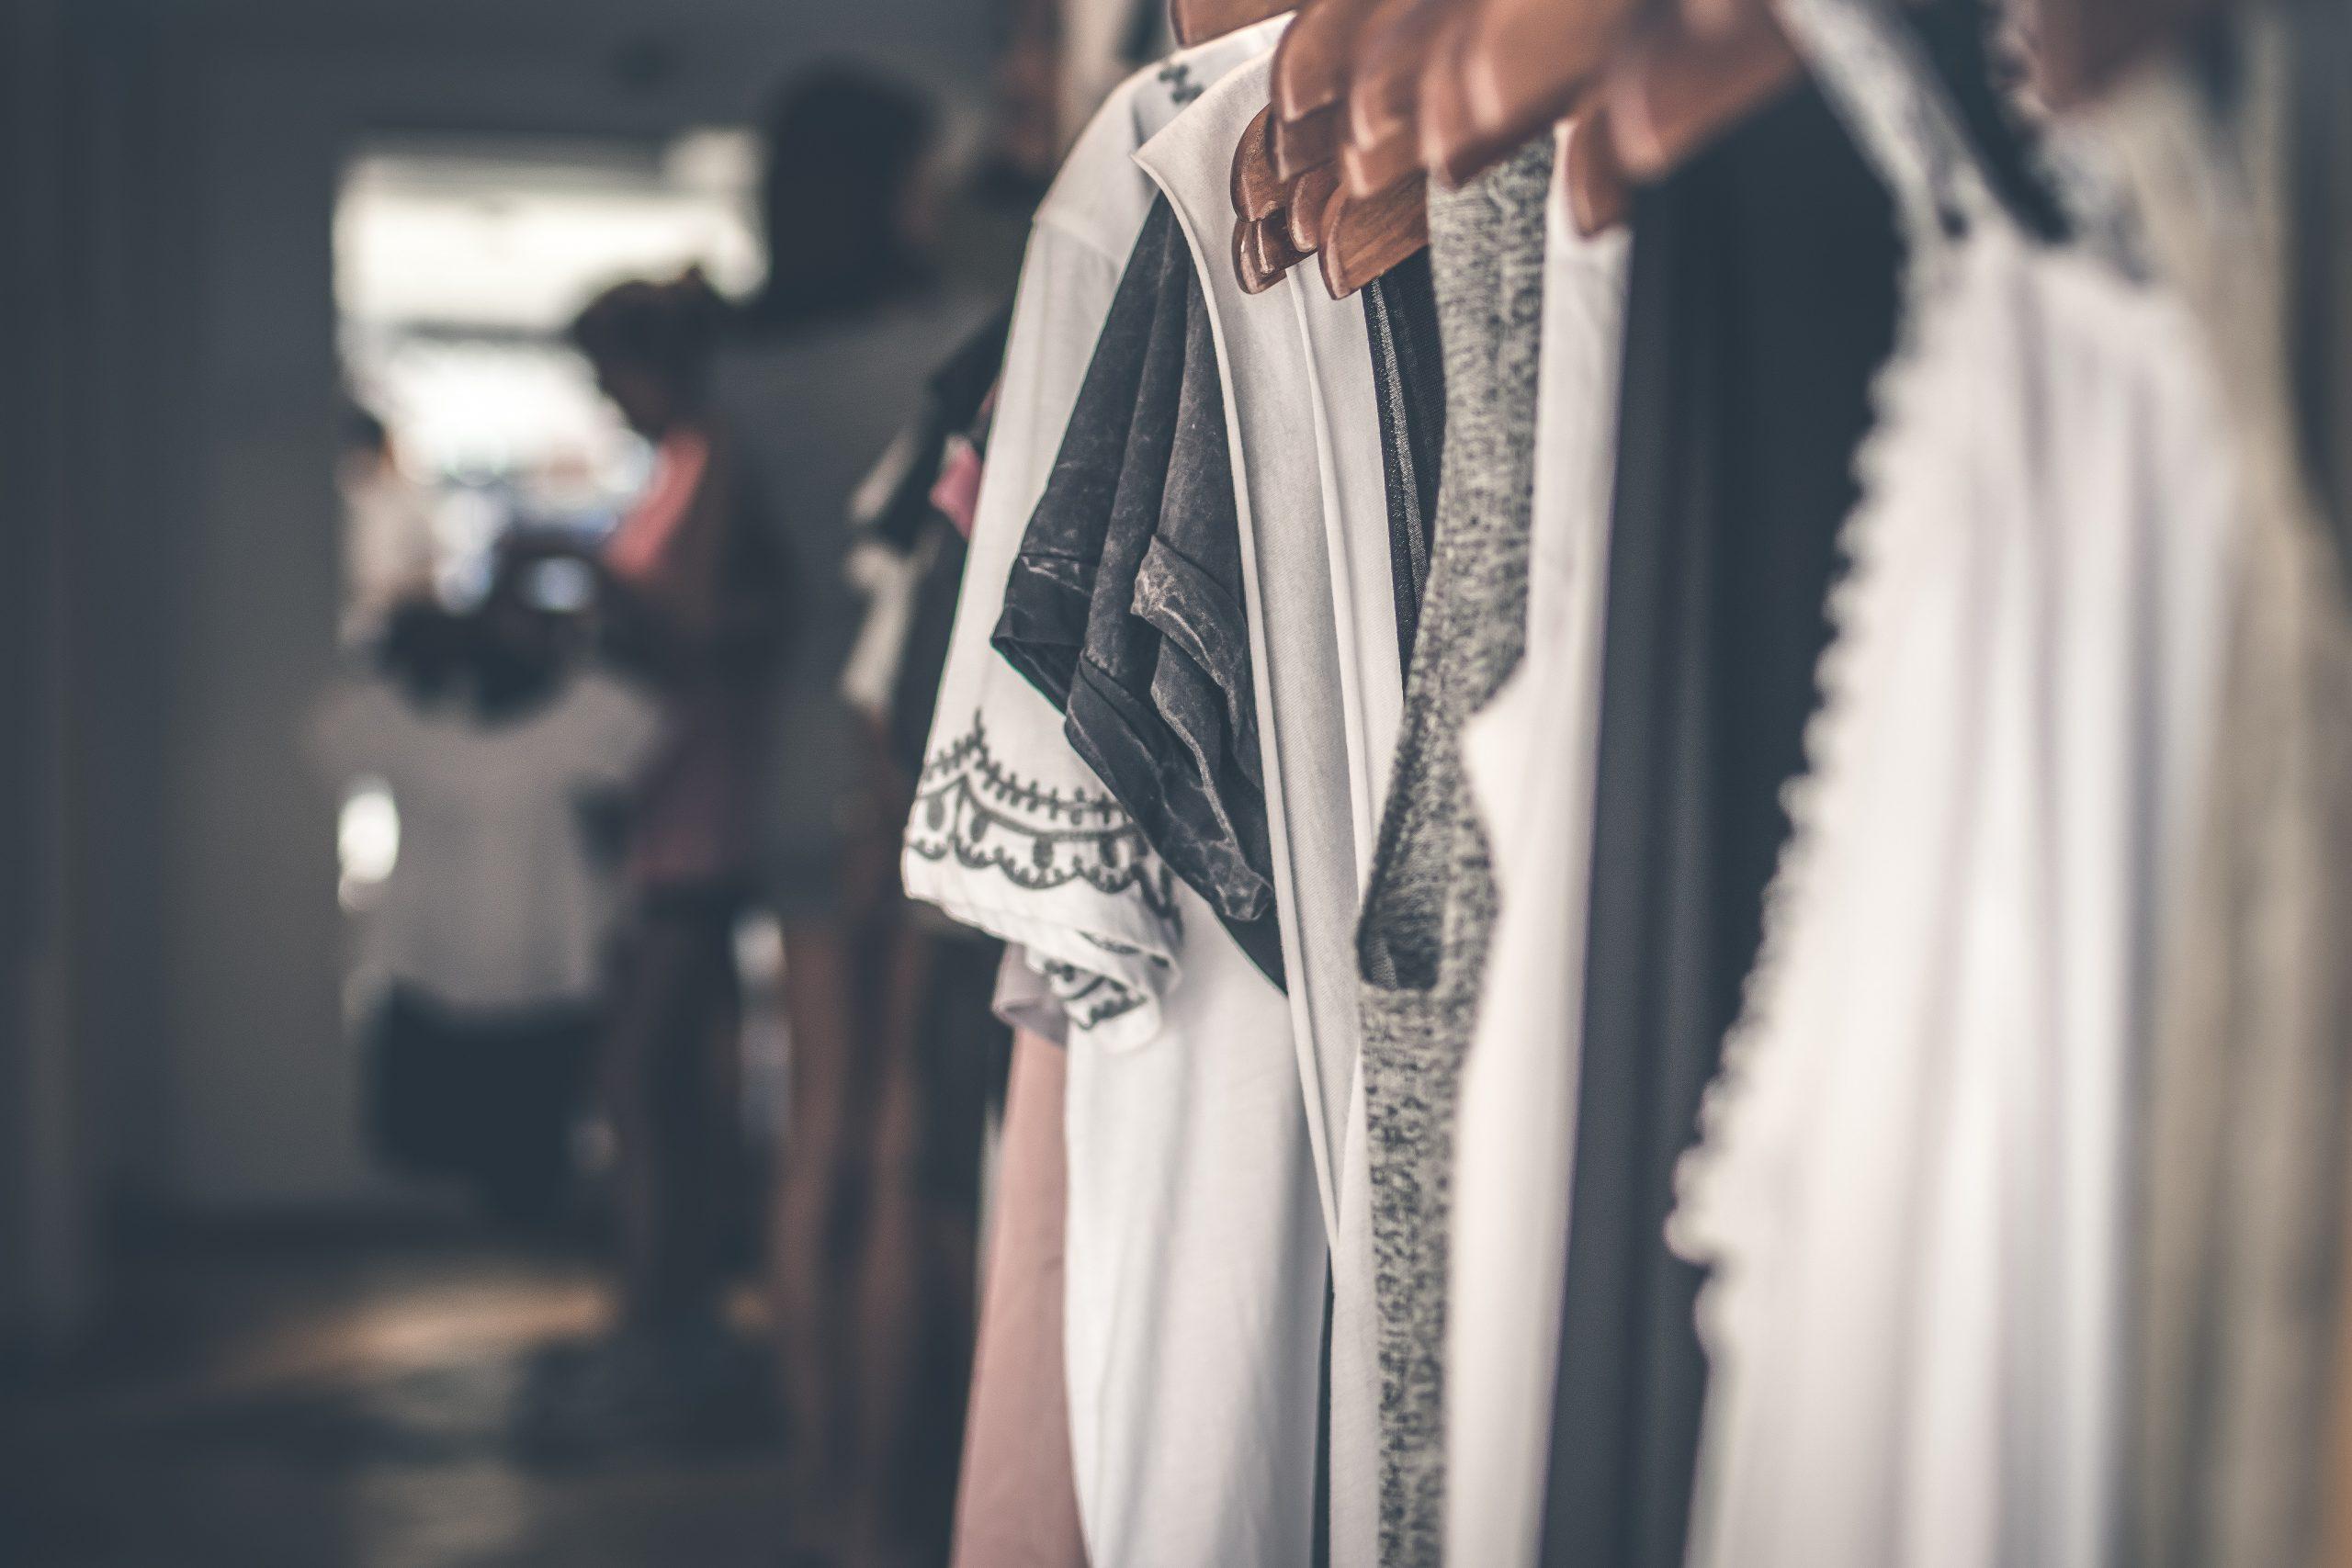 Clothes on a shop rail